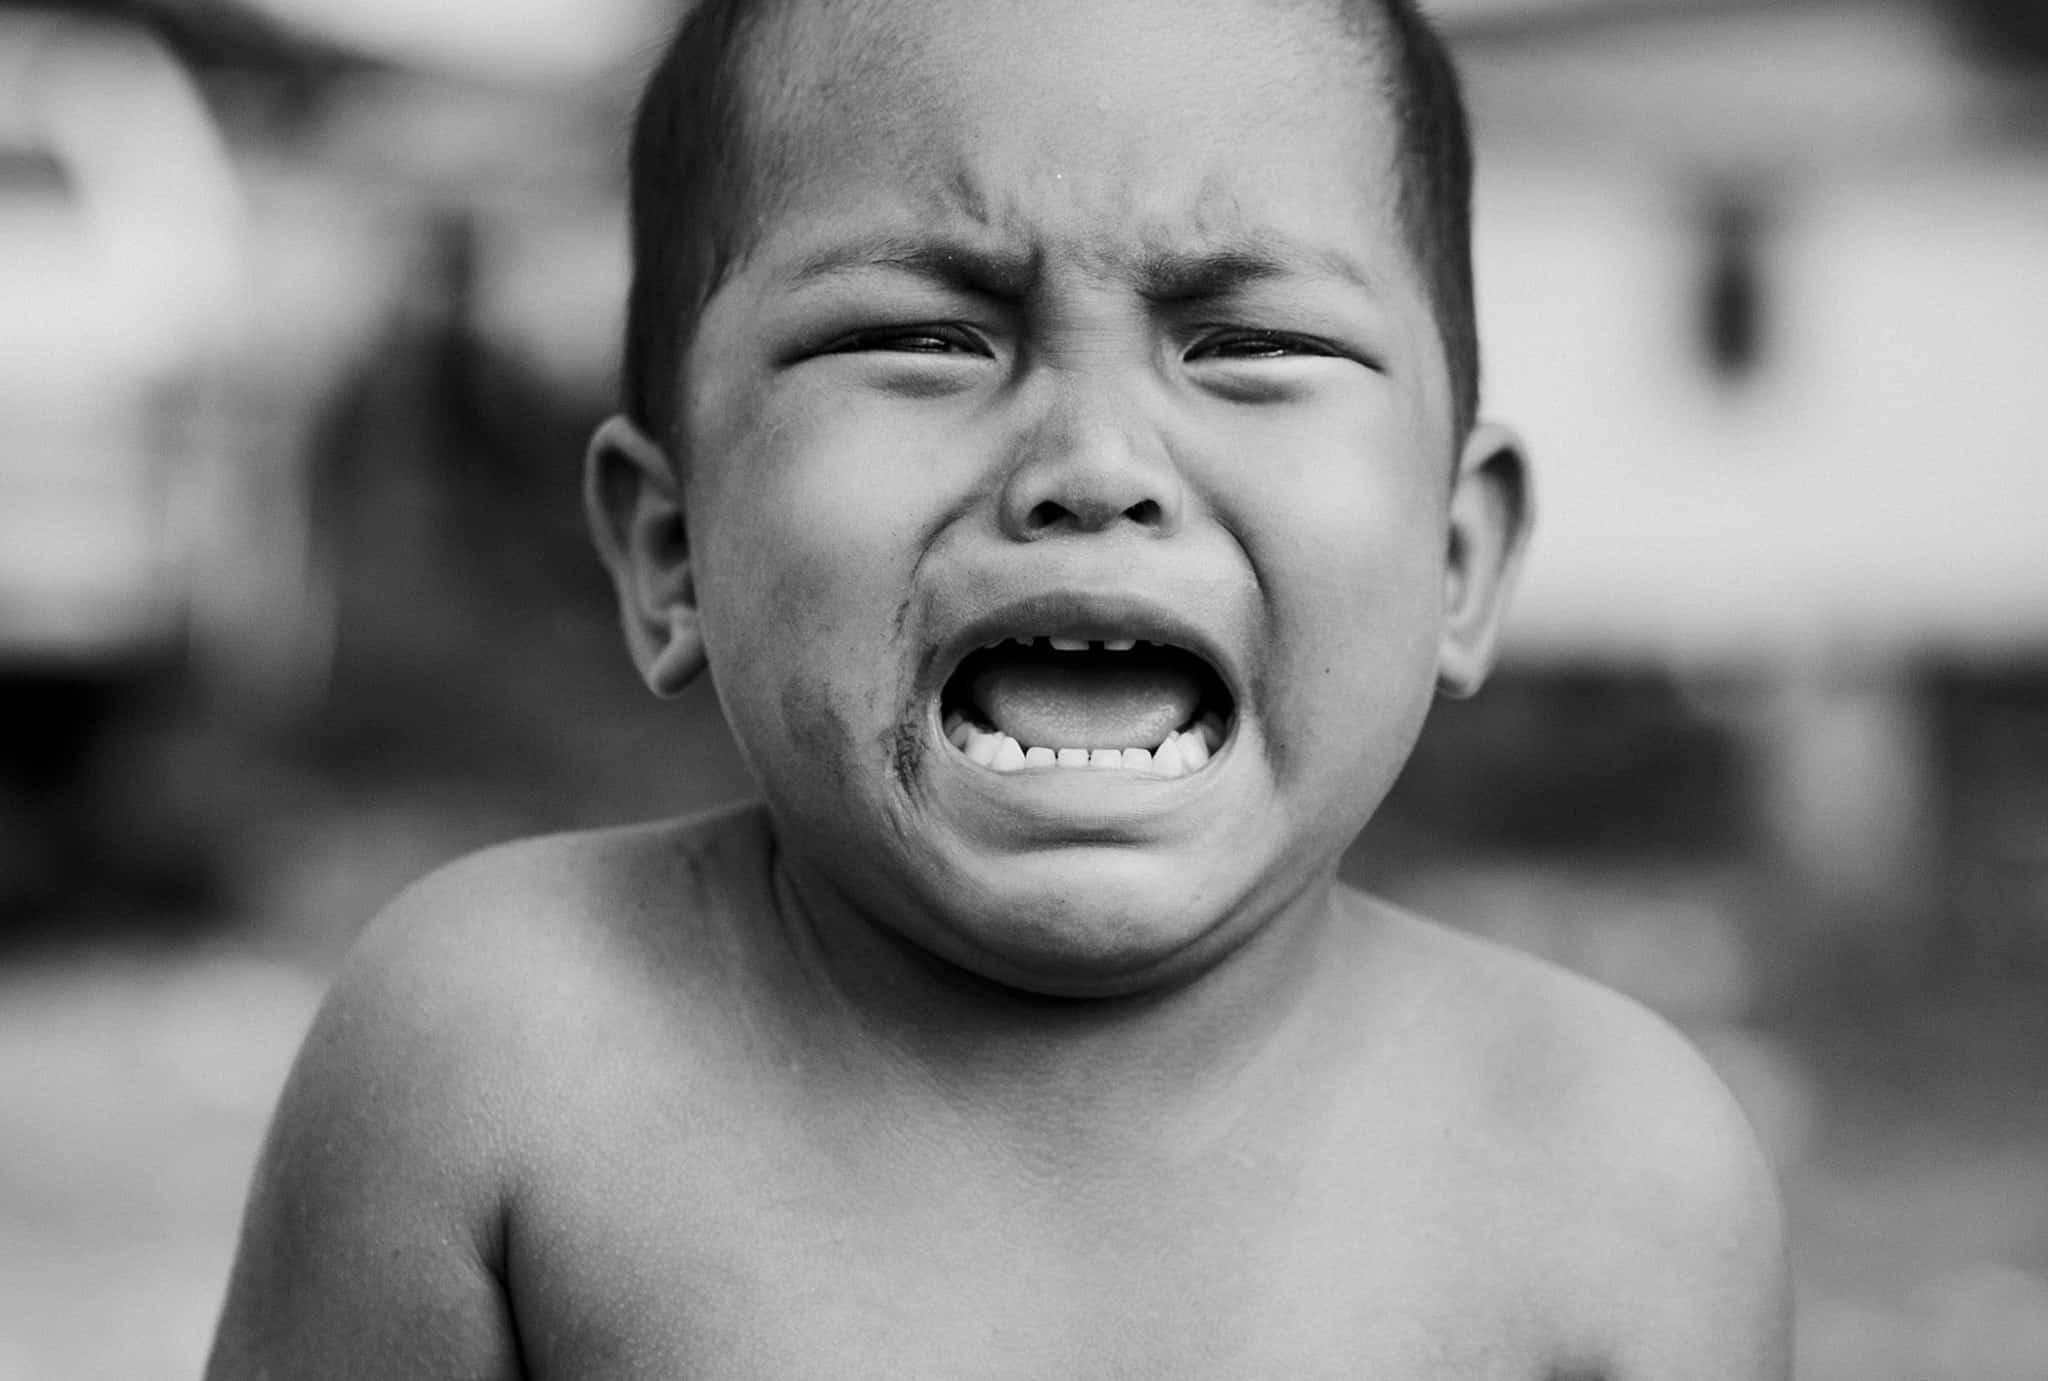 Discipline 1 Year Old Child